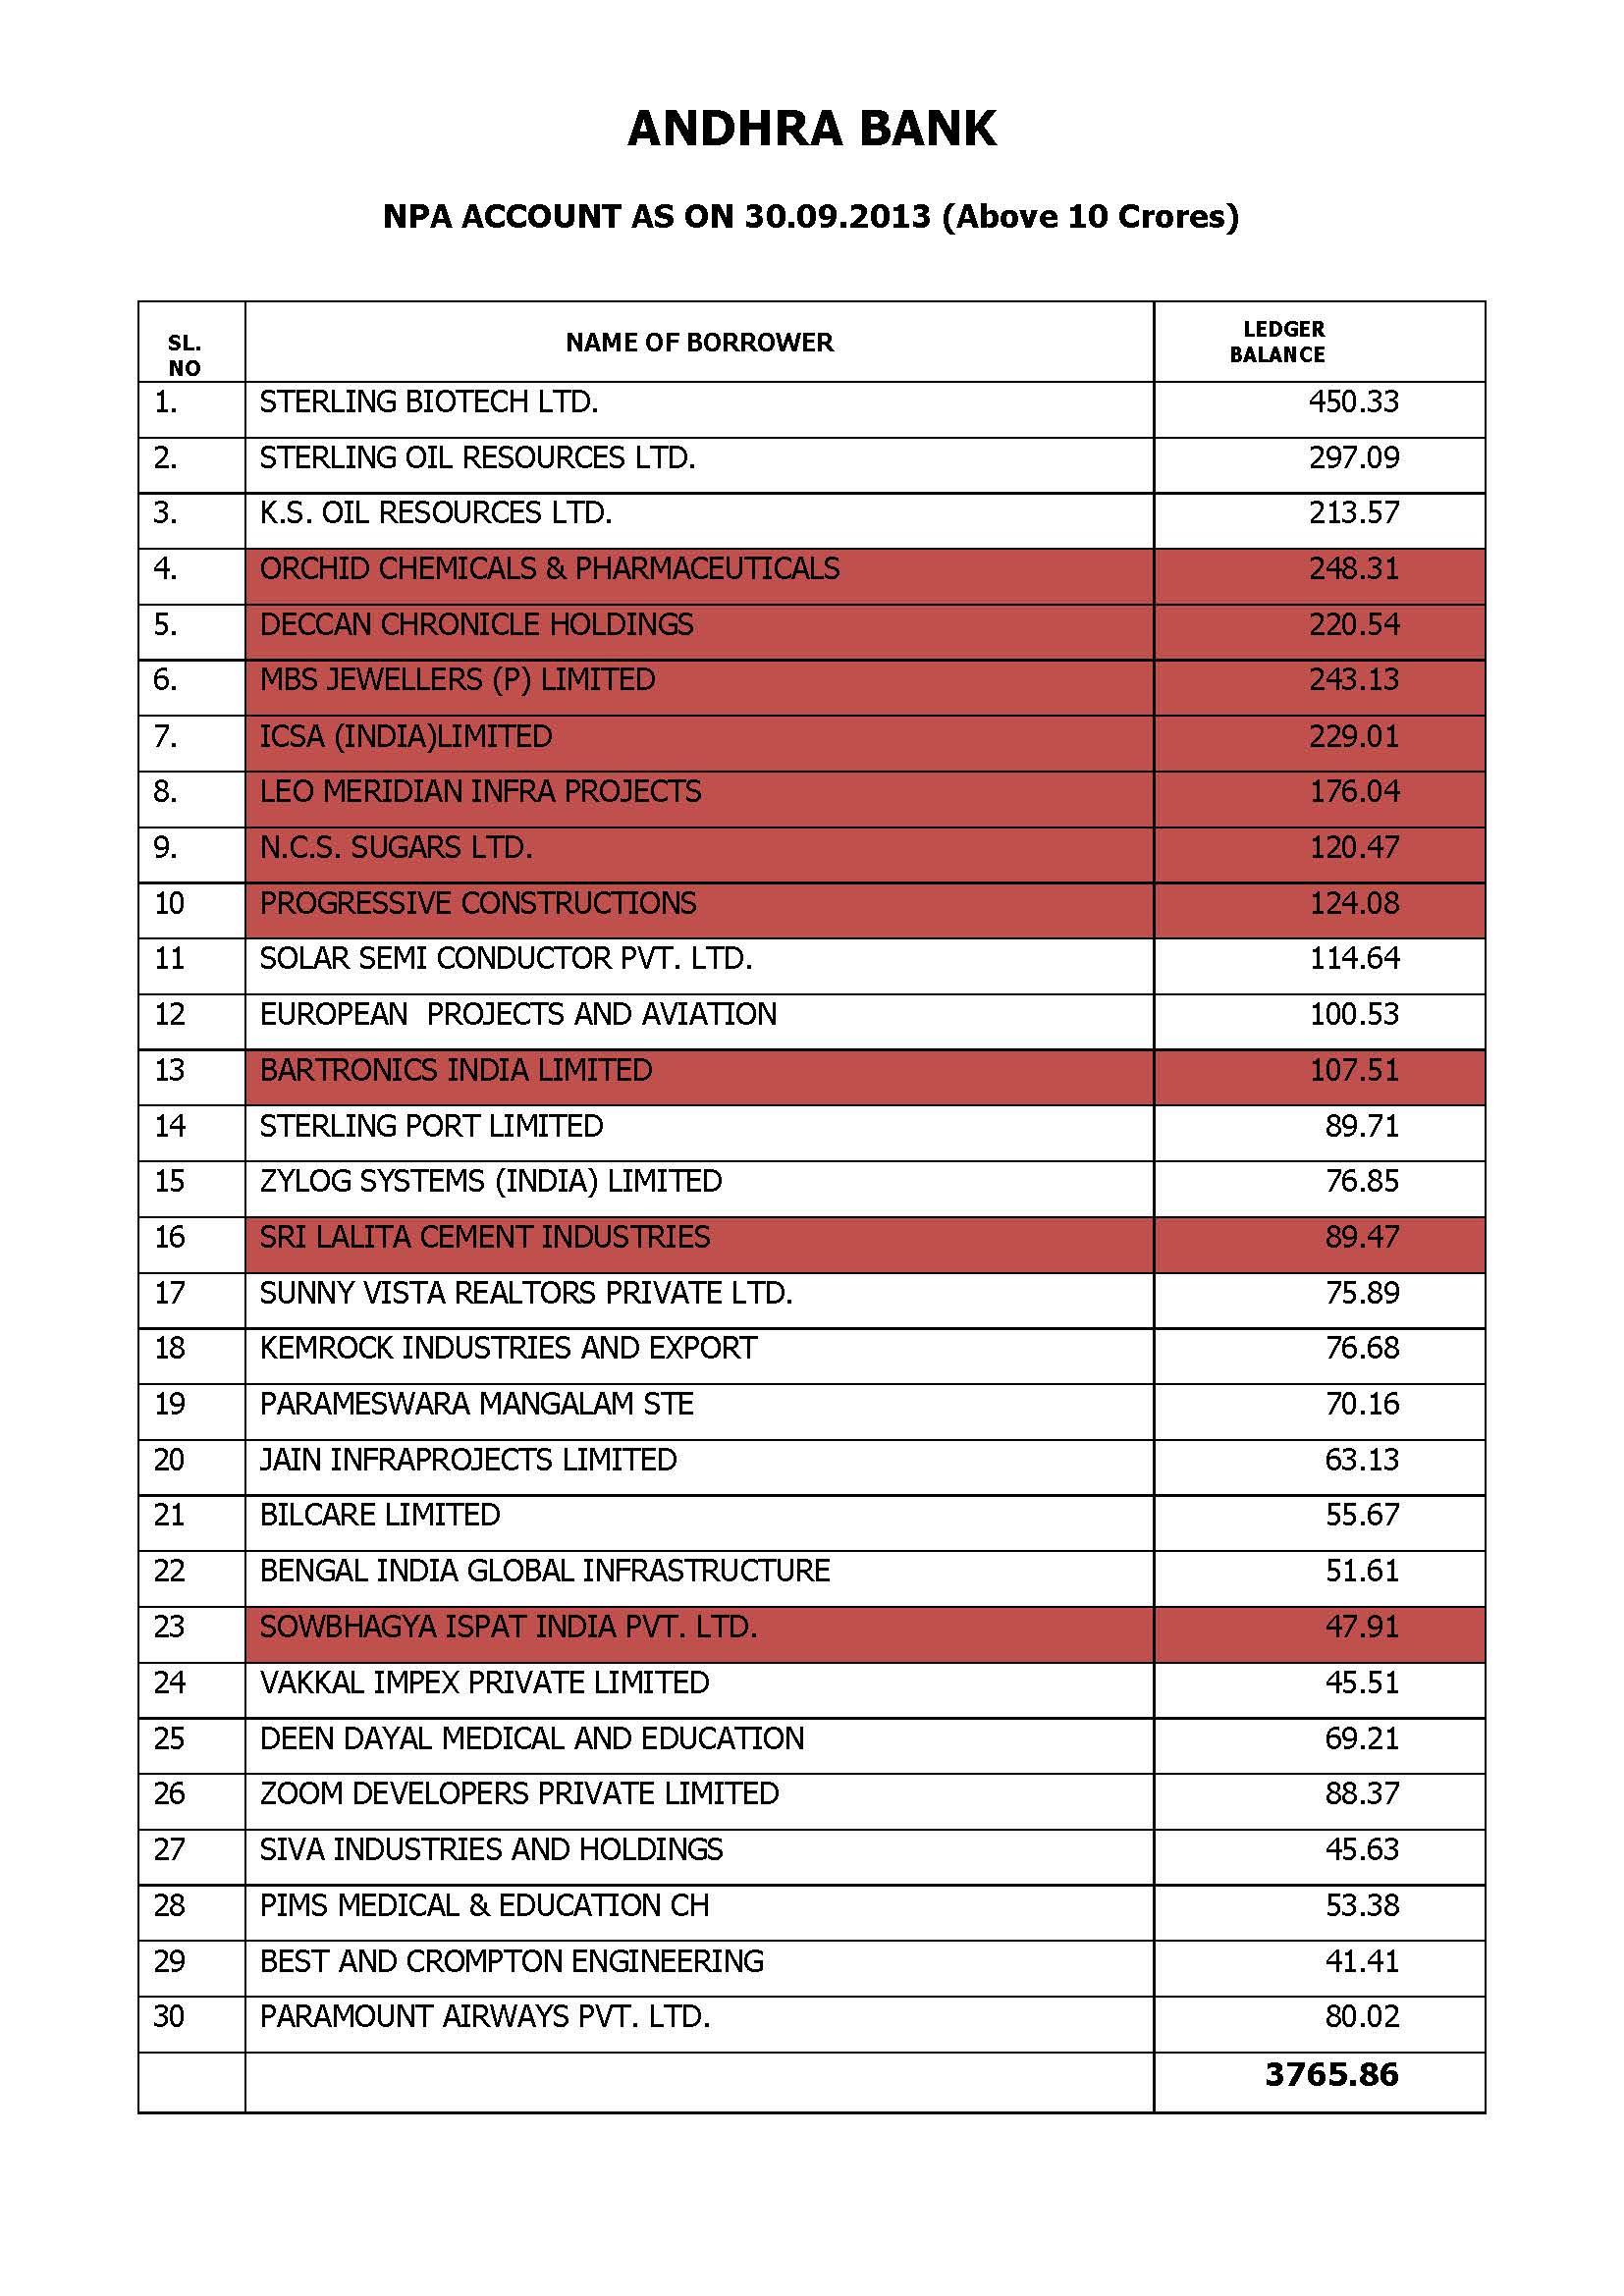 TOP 30  BAD LOANS ANDHRA BANK